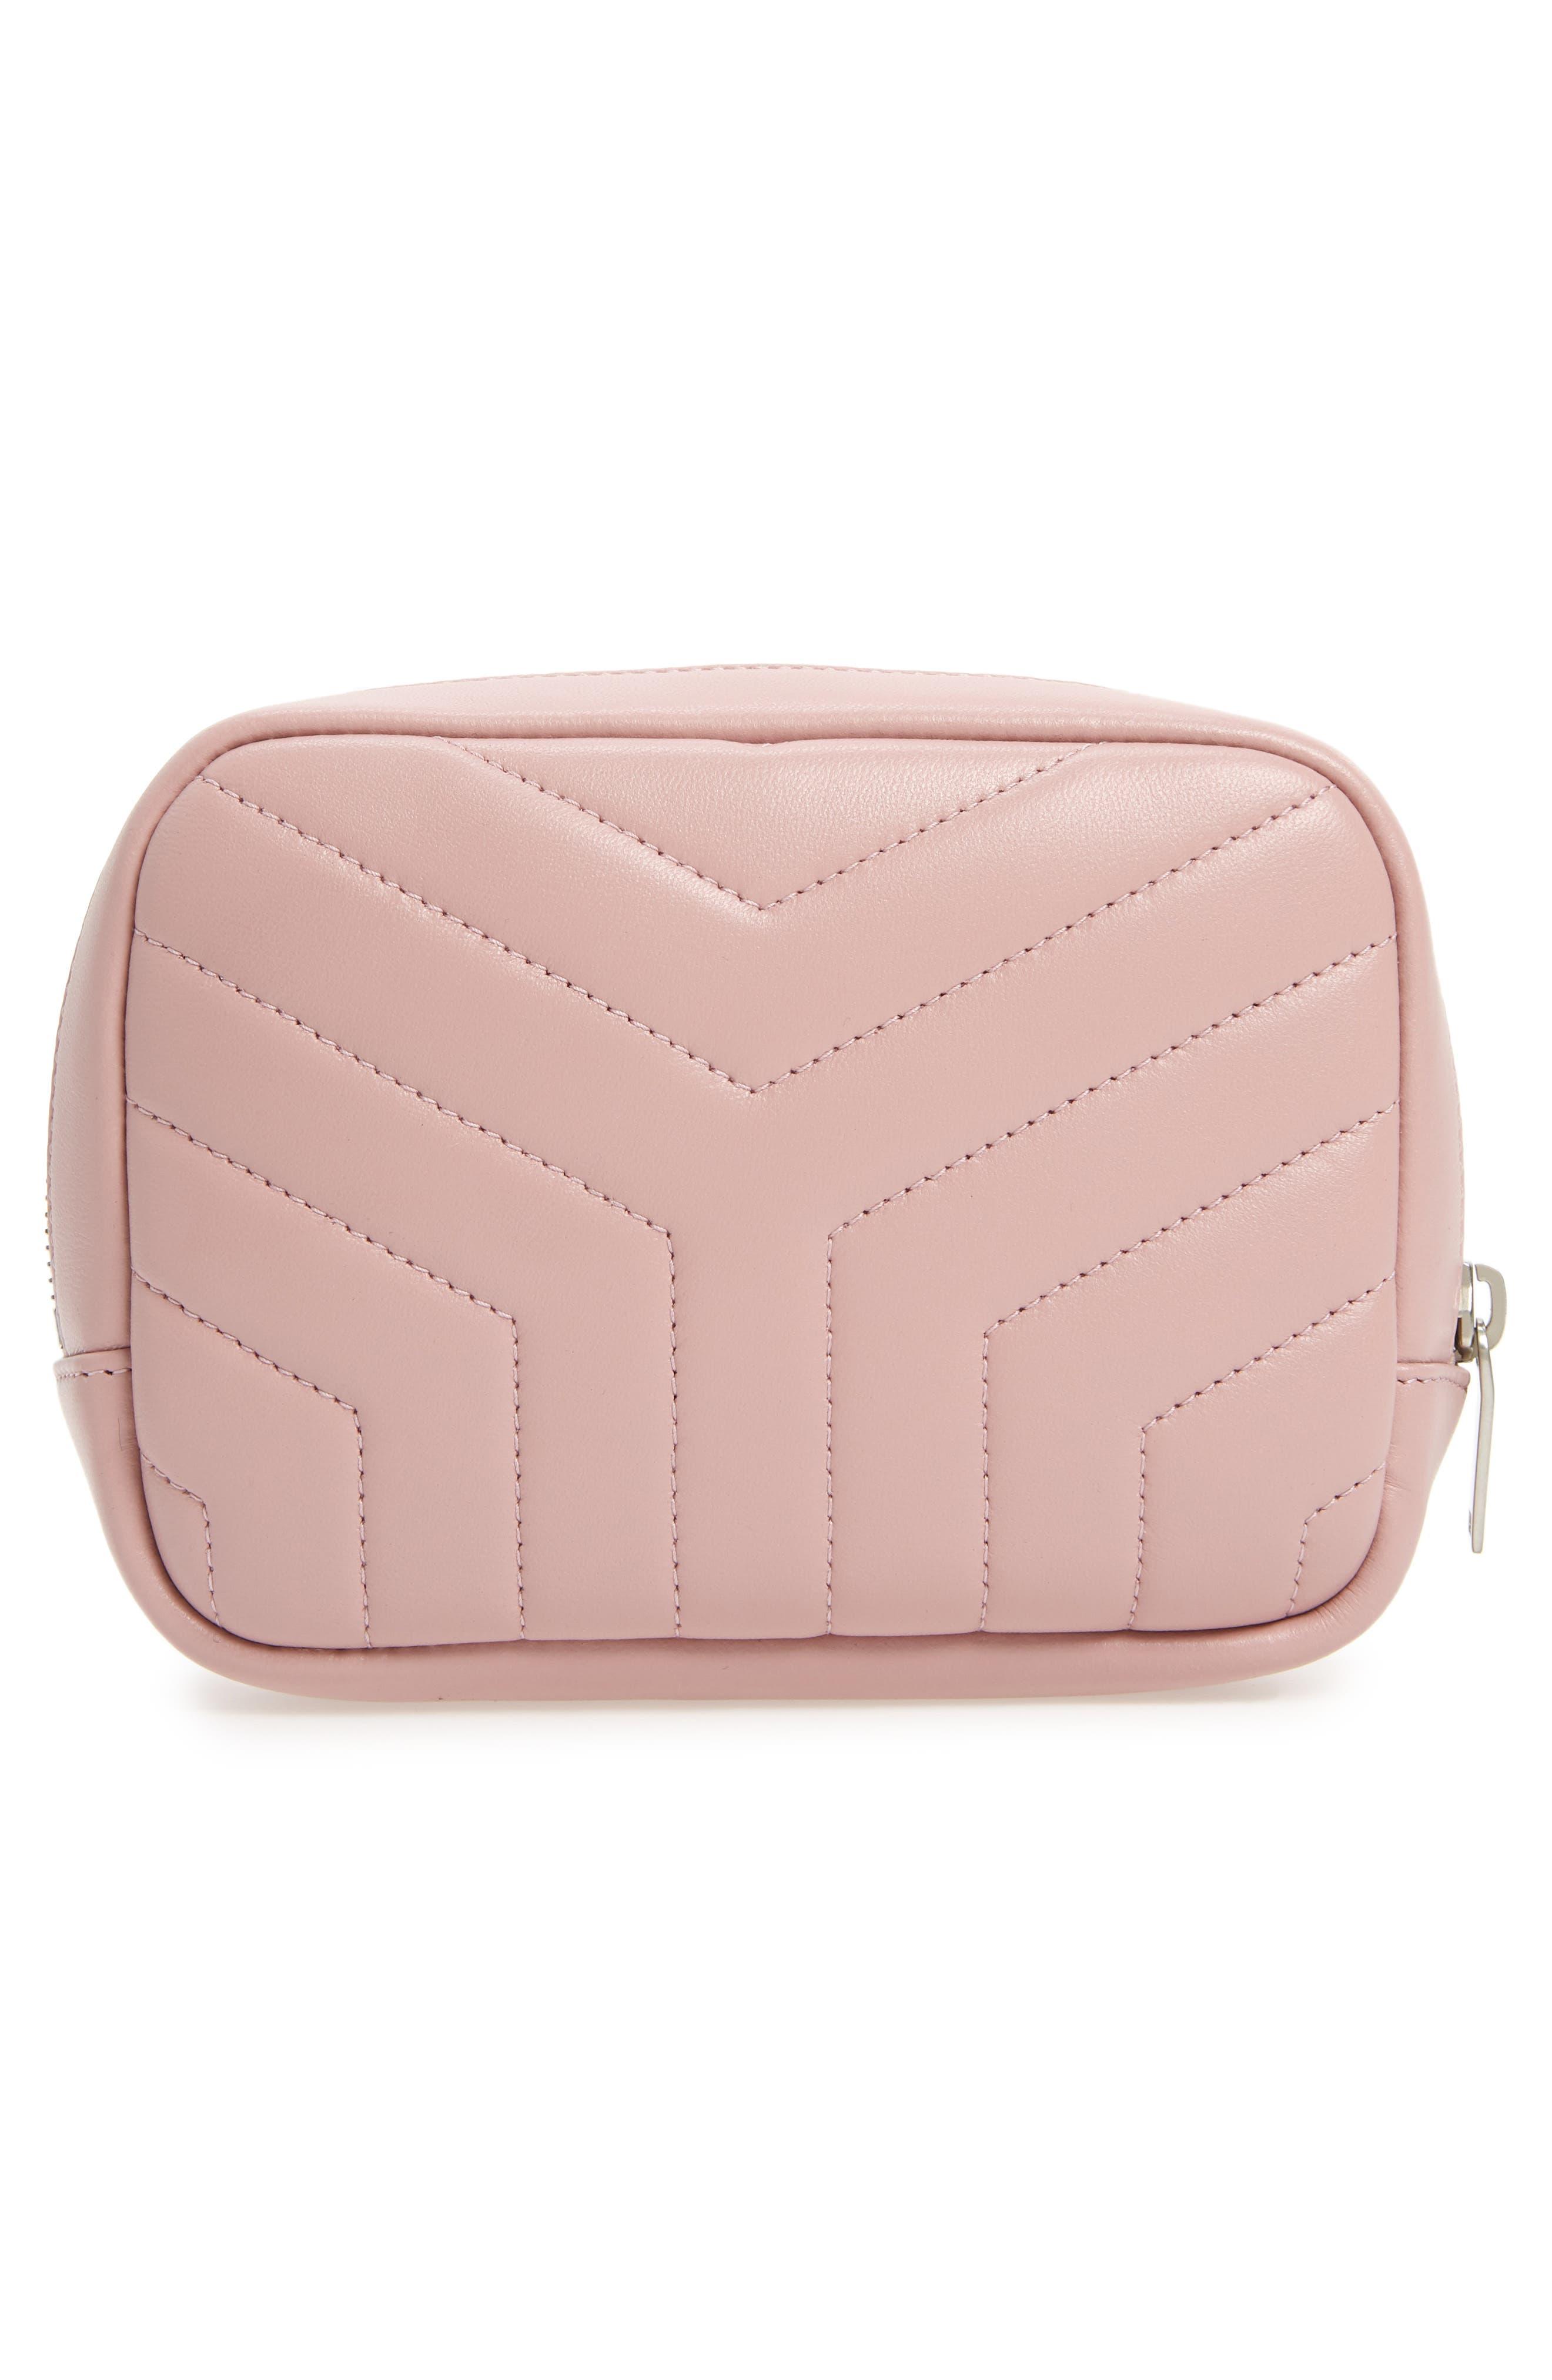 SAINT LAURENT, Loulou Matelassé Leather Cosmetics Bag, Alternate thumbnail 2, color, TENDER PINK